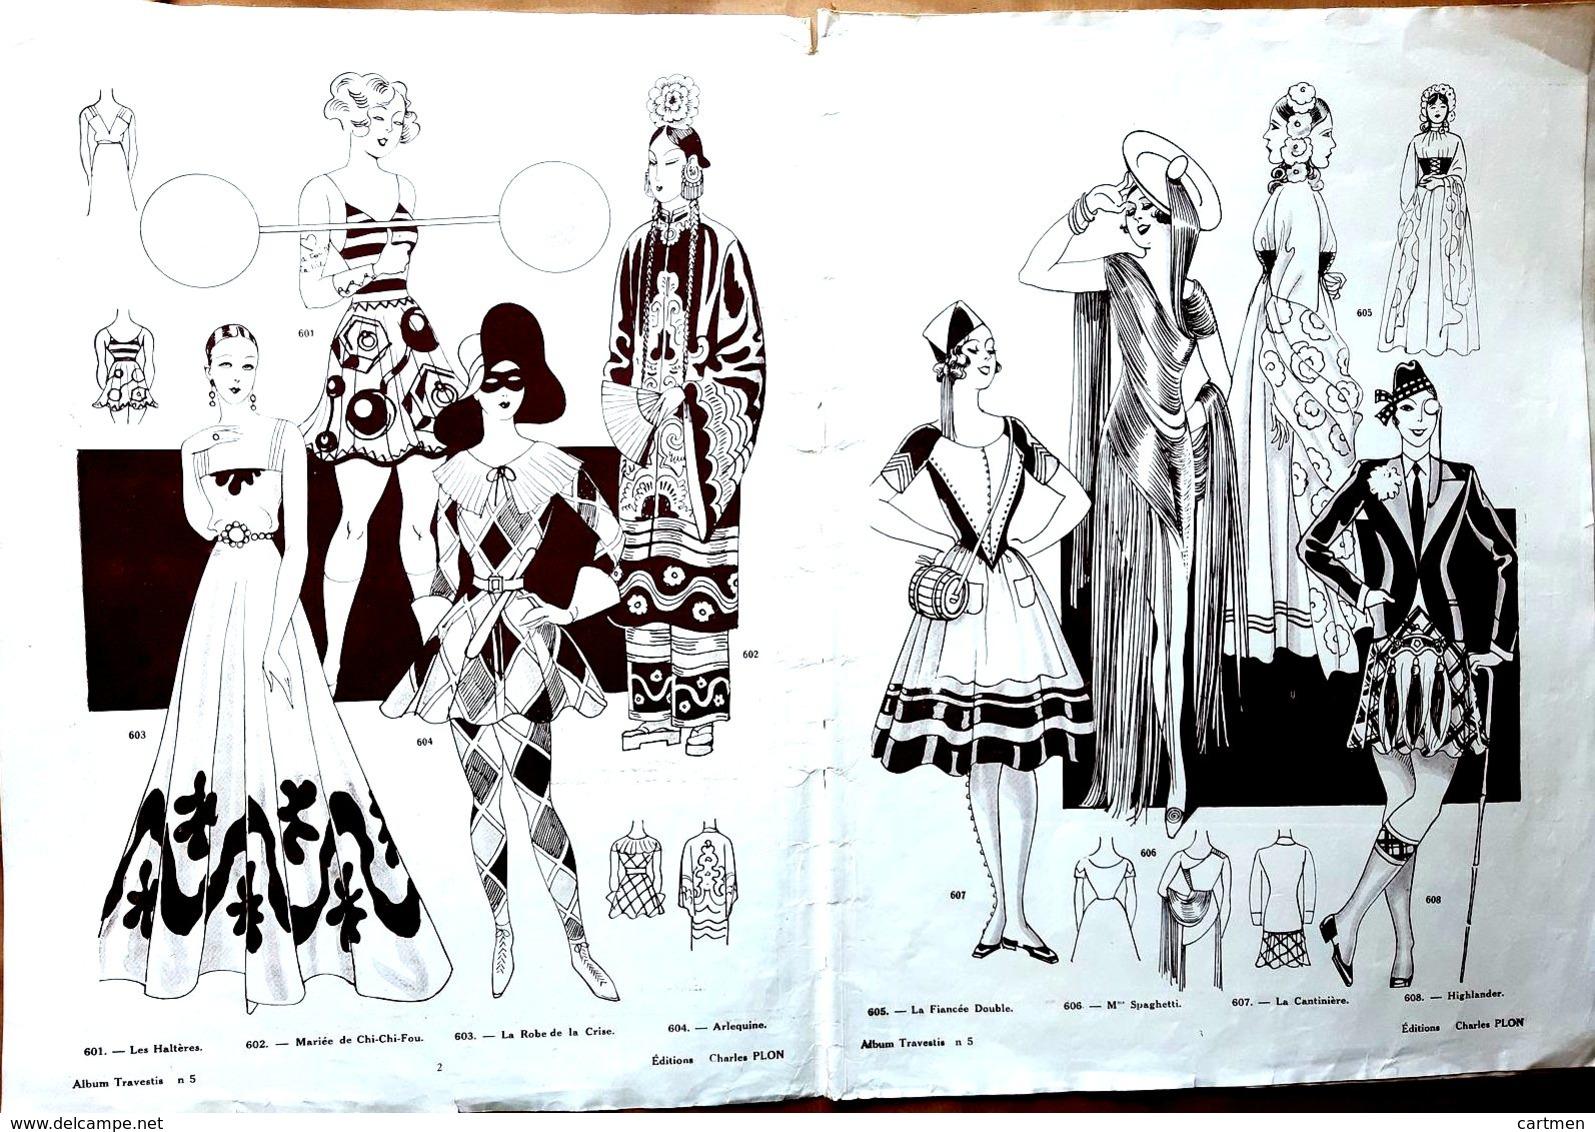 MODE CARNAVAL  ALBUM DE TRAVESTIS CATALOGUE DE 20 PAGES  NOMBREUX COSTUMES ACCESSOIRES  ET DEGUISEMENTS 1920 - Catalogues